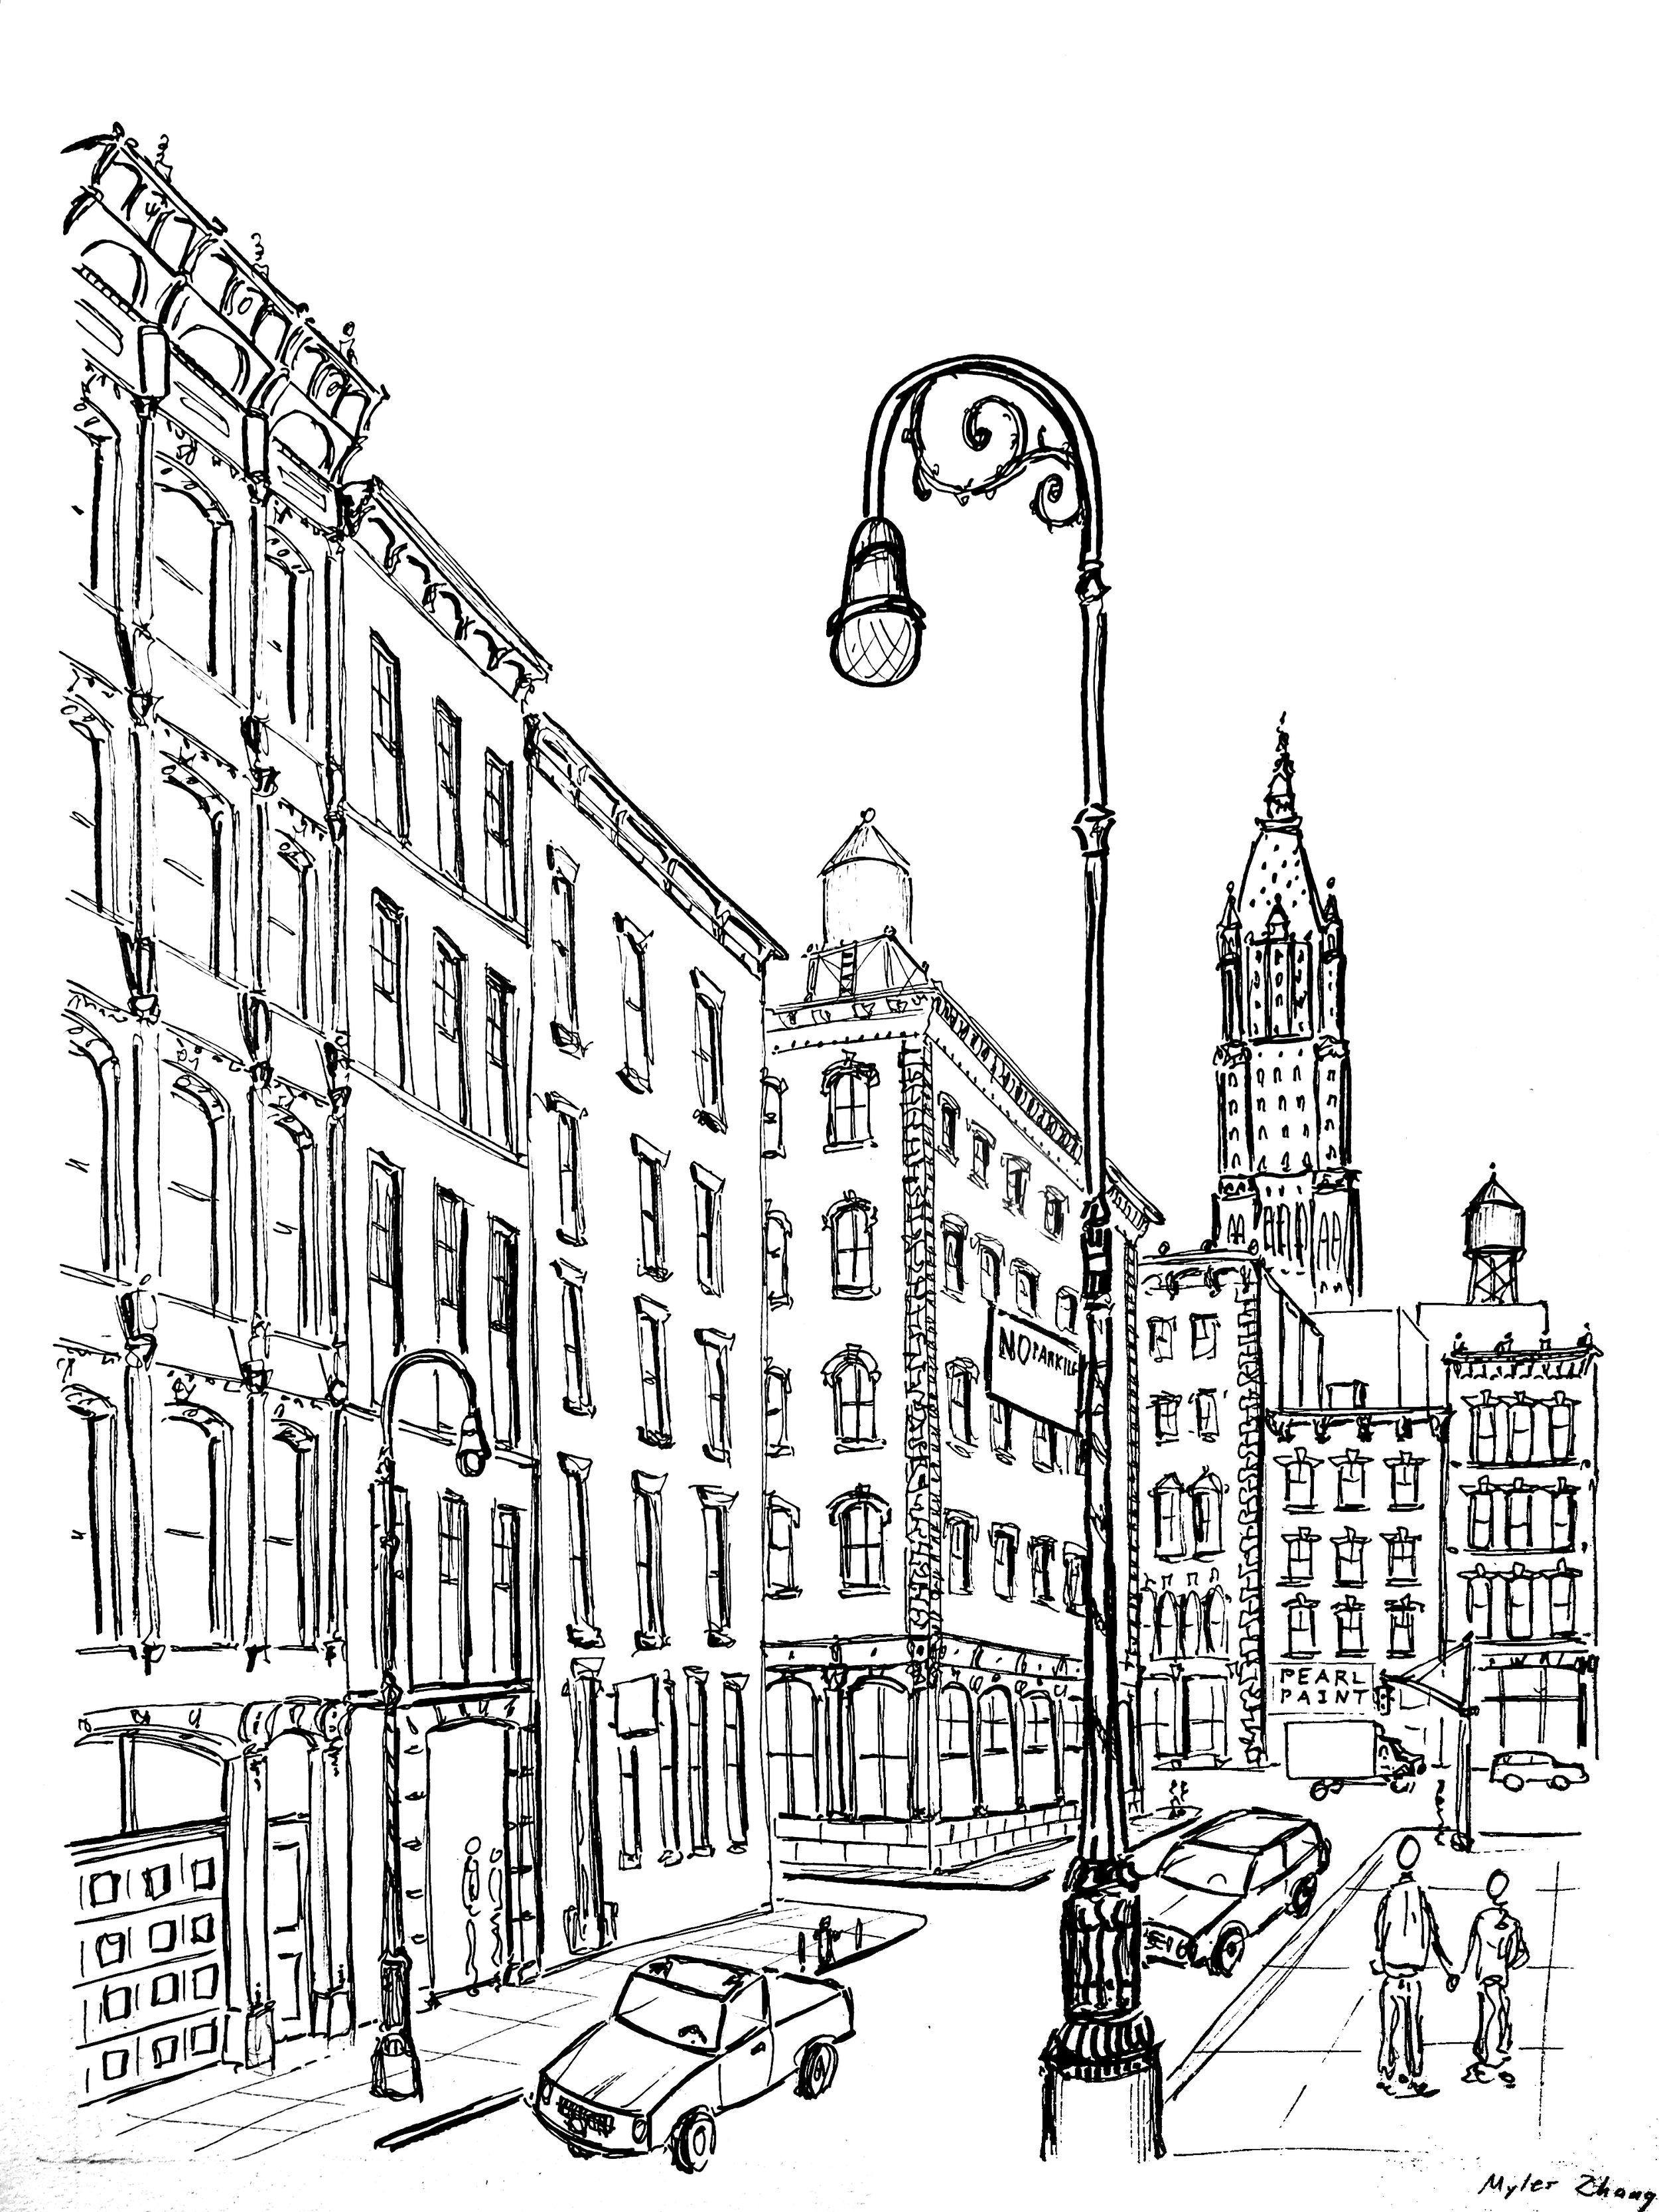 Mercer-Street-1wykqnp.jpg